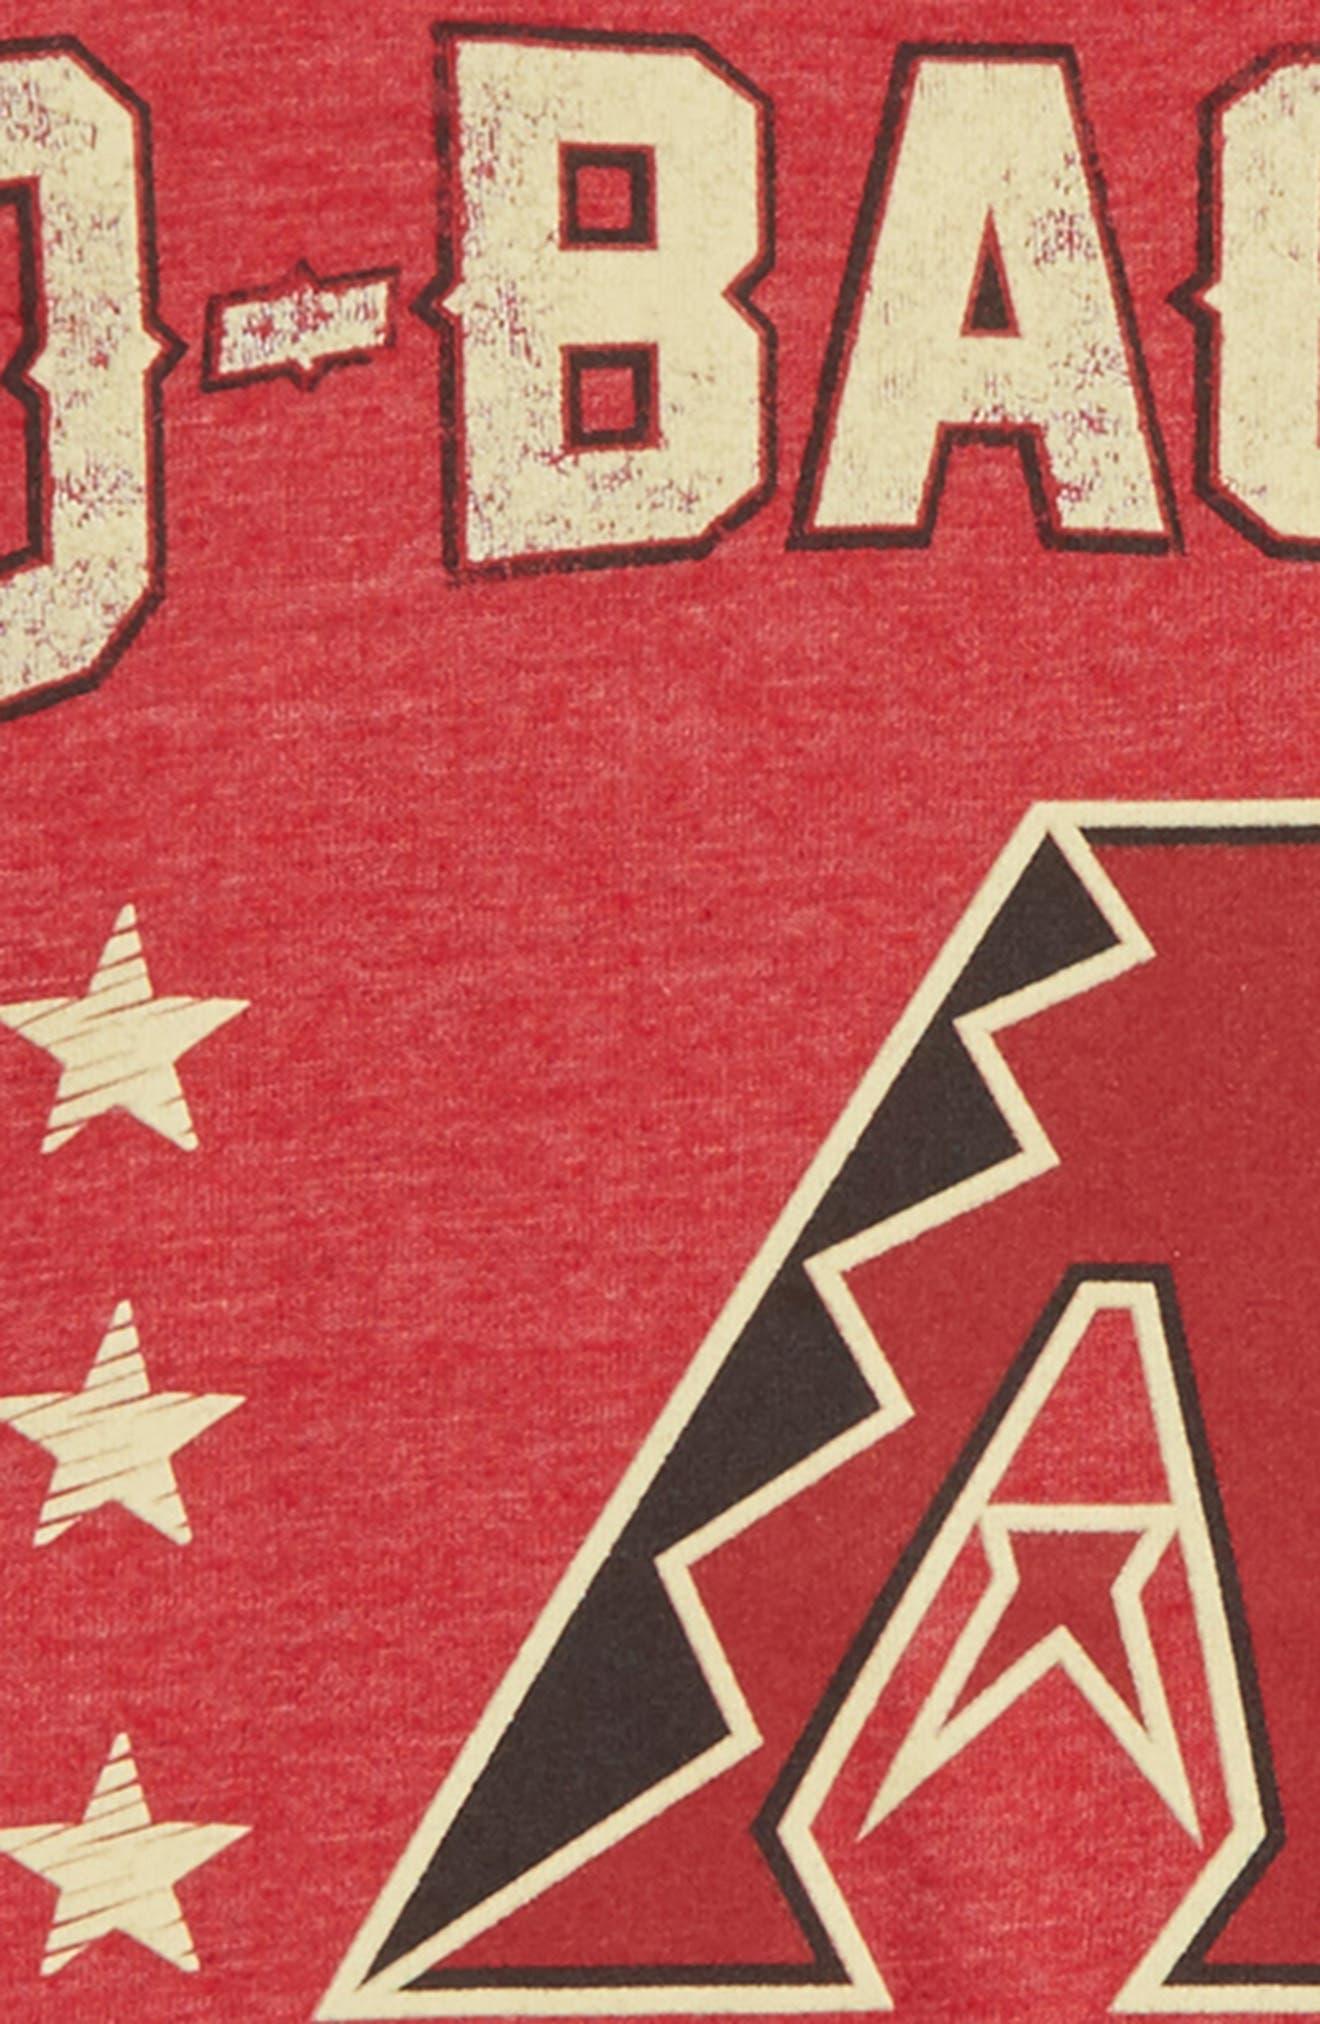 Arizona Diamondbacks Triple Play T-Shirt,                             Alternate thumbnail 2, color,                             600